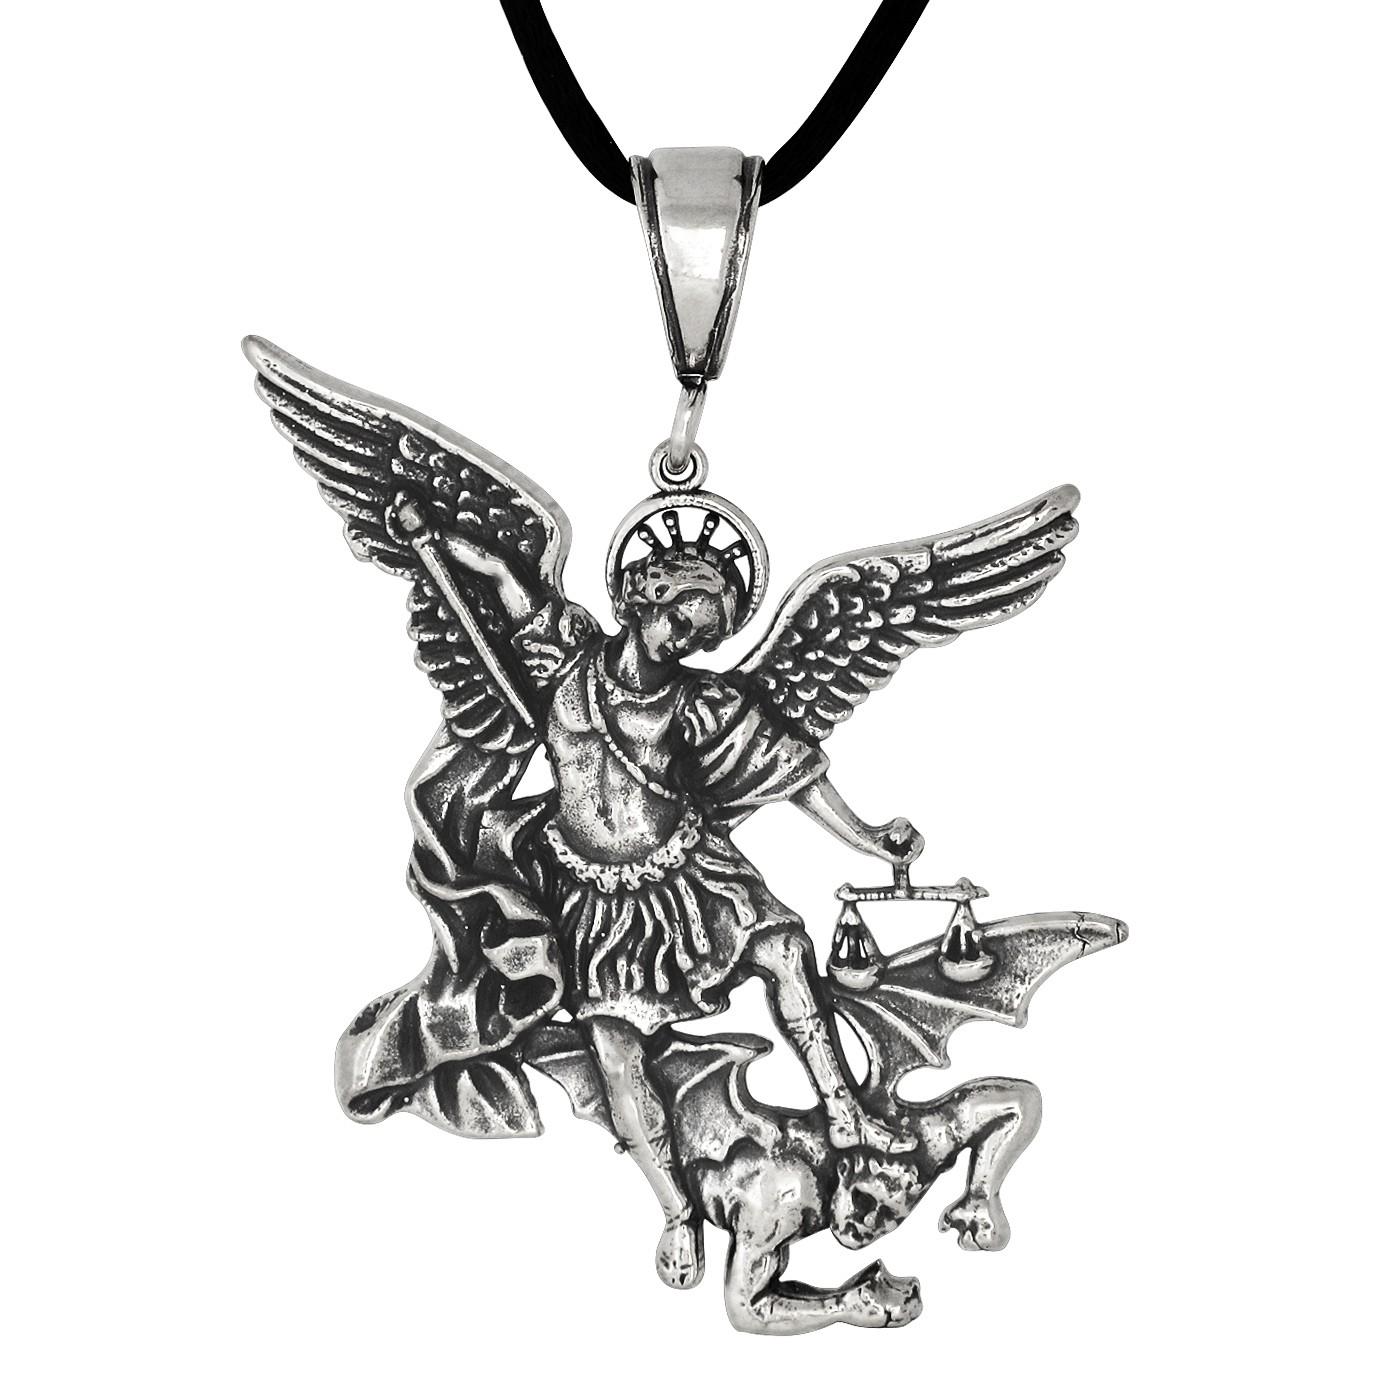 1400x1400 Sterling Silver Oxidized Saint Michael Archangel Pendant Necklace